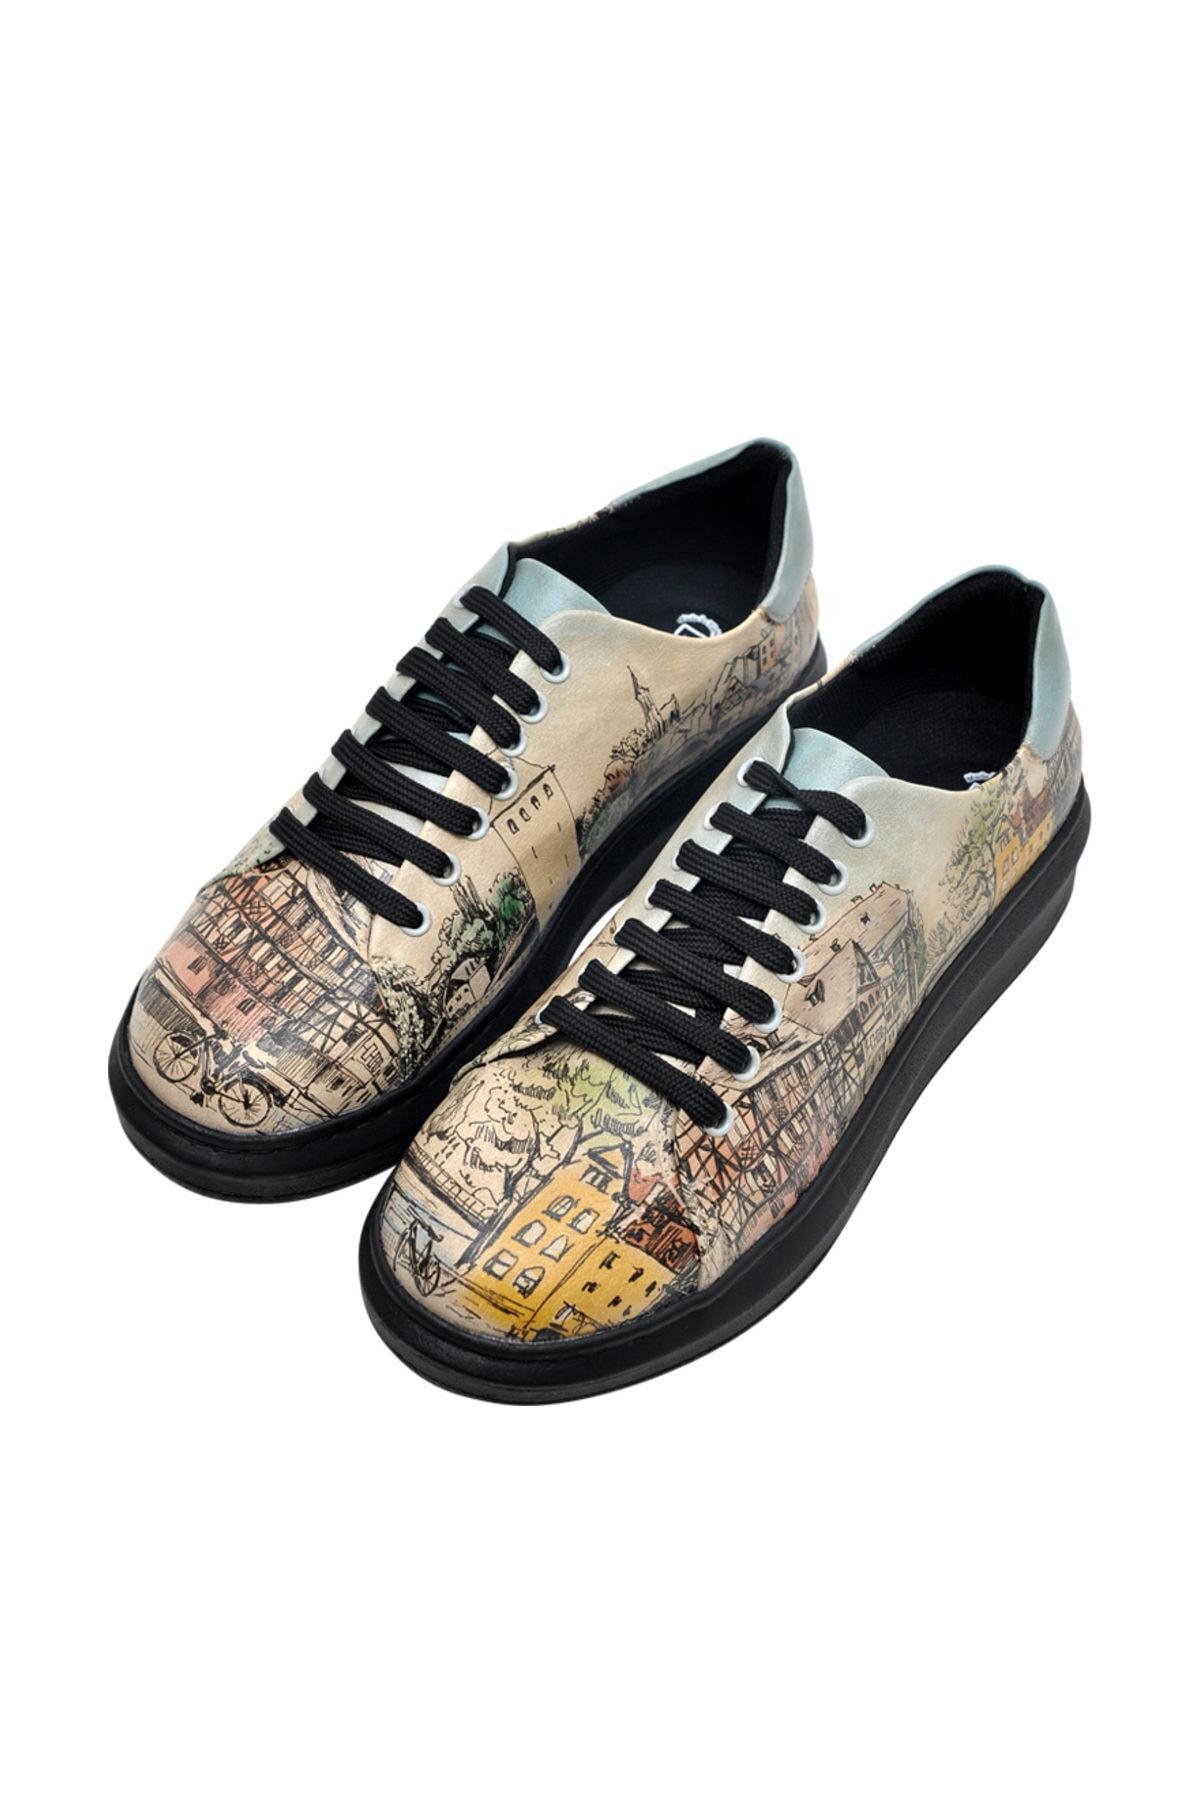 Dogo Multi Kadın Oxford Ayakkabı 1DGOW2020016 2